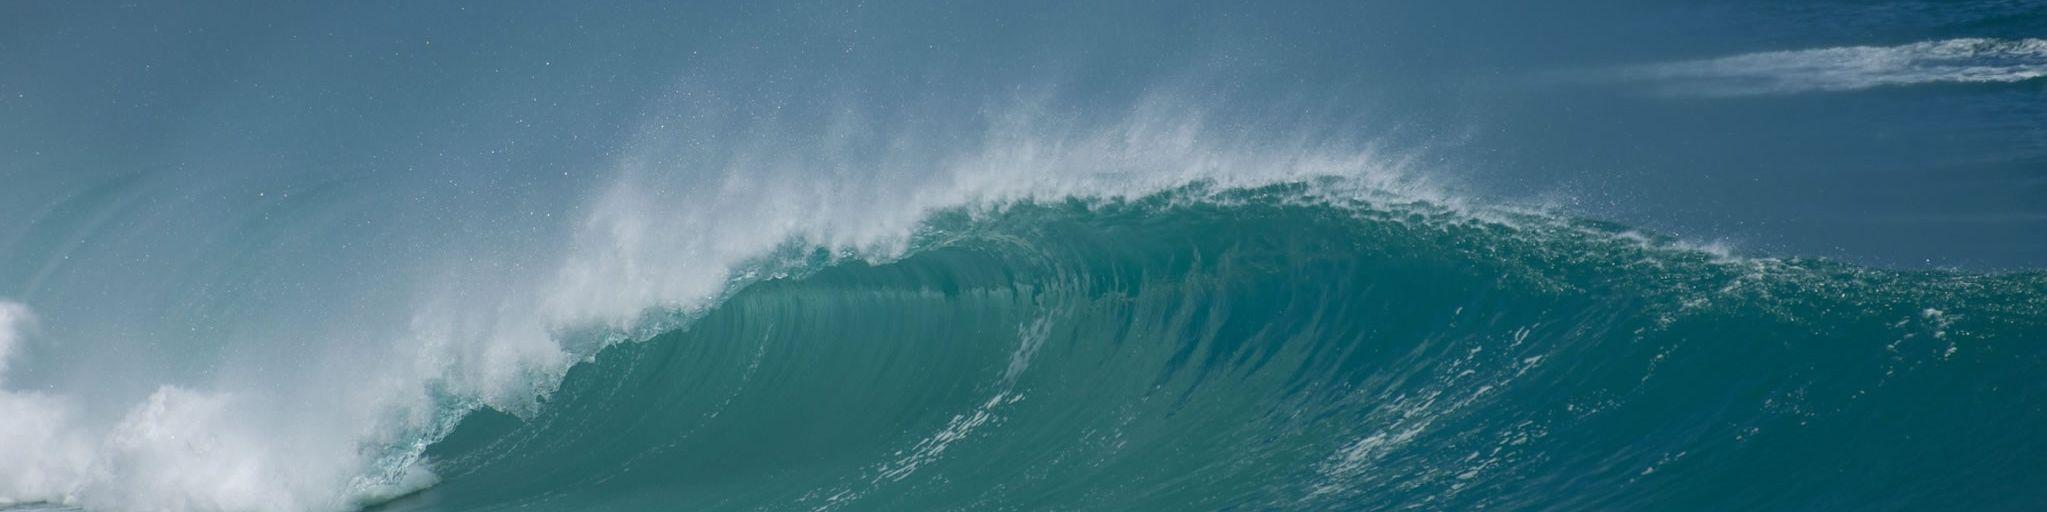 Surfside Services - Wave 3